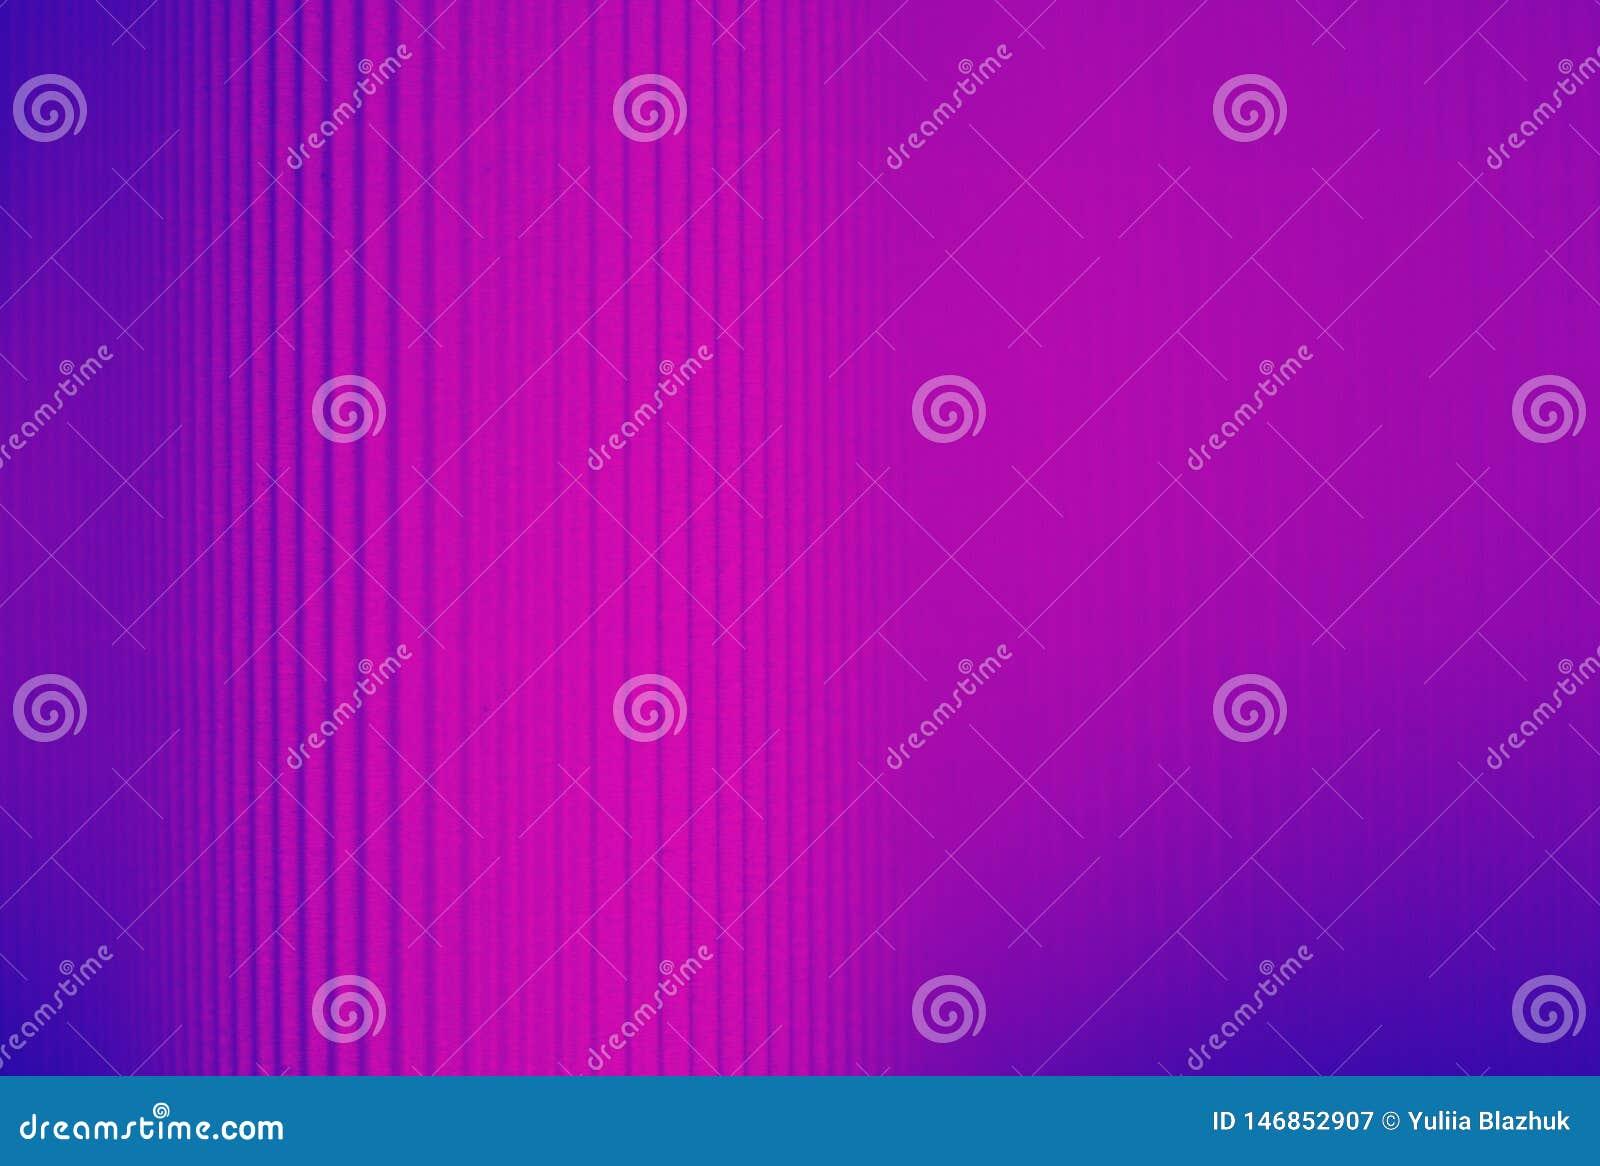 Fondo rayado púrpura y azul de neón hecho del papel